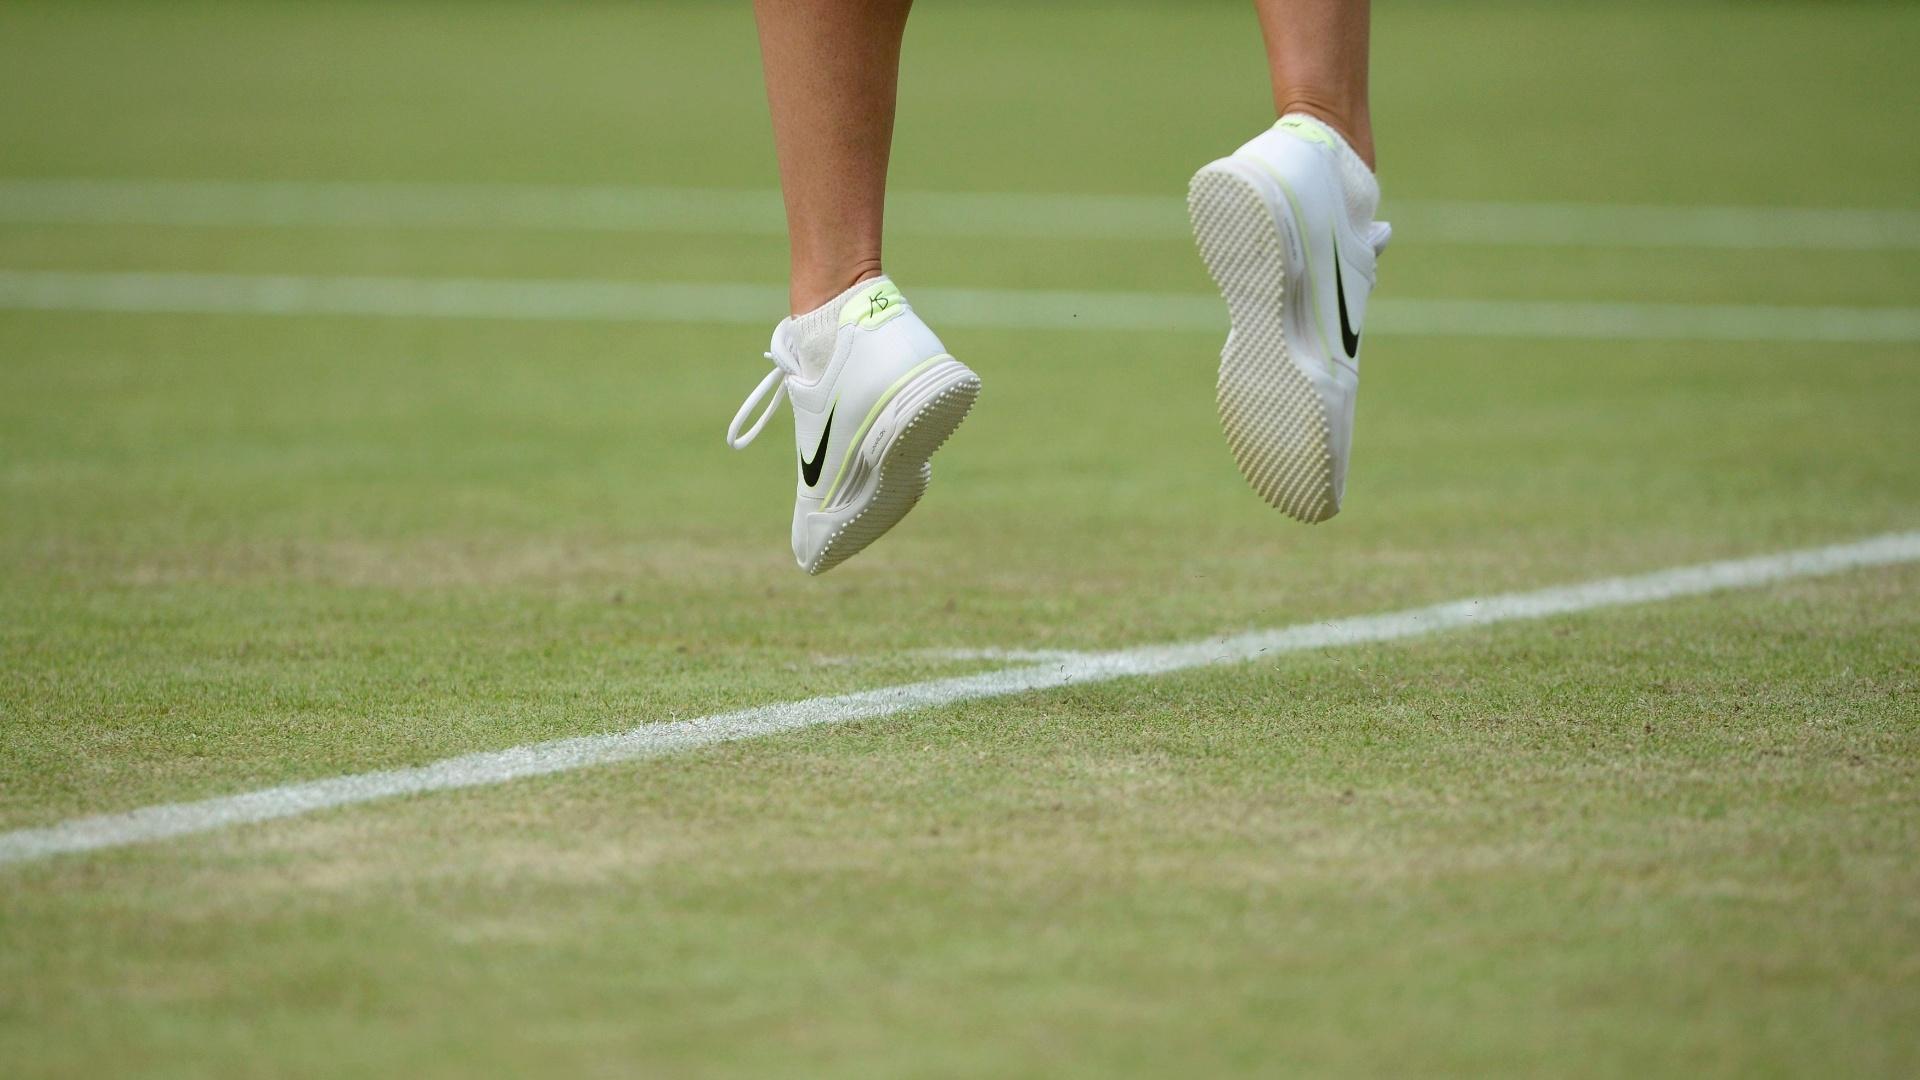 Pés de Maria Sharapova durante saque na partida contra a búlgara Tsvetana Pironkova